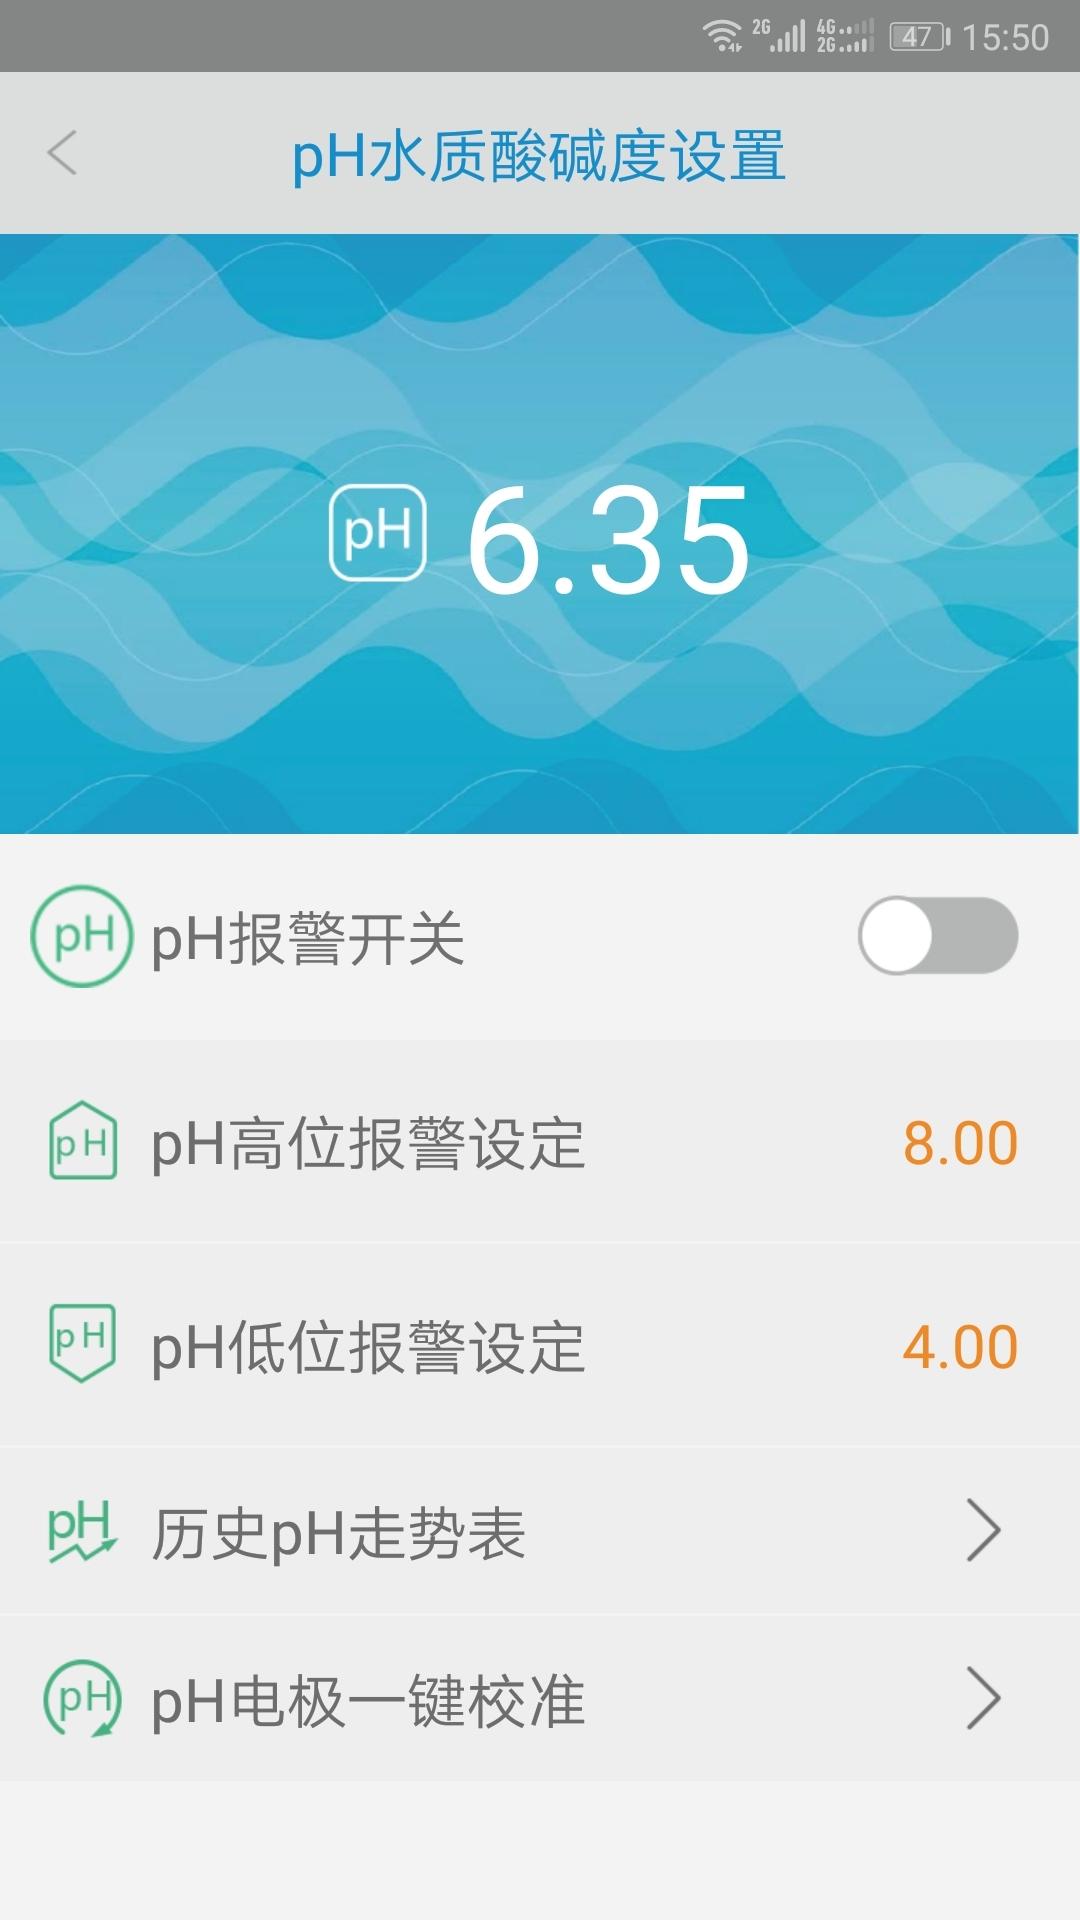 大家谁用过森森这种ph探头怎么校准 北京龙鱼论坛 北京龙鱼第4张